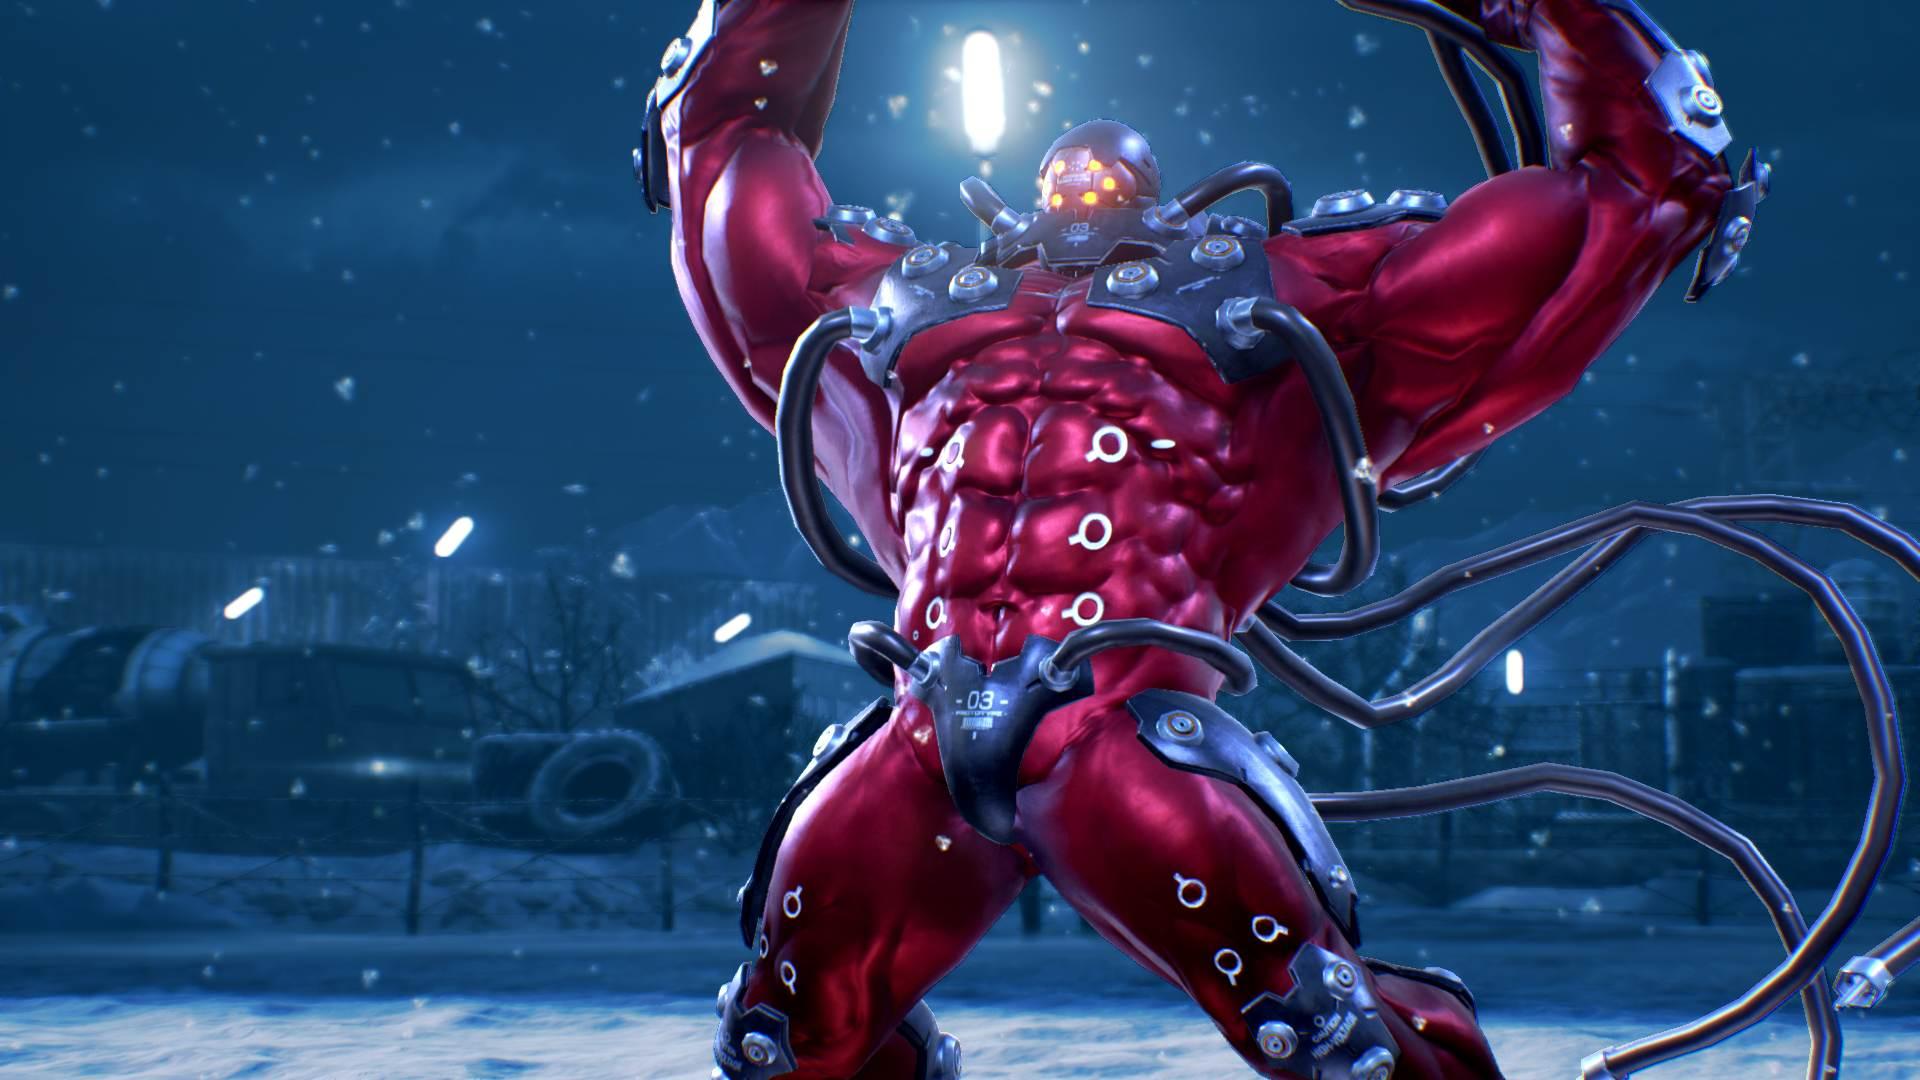 Tekken 7 - Goldstatus, zwei PlayStation-Bundles und ein Charakter-Trailer